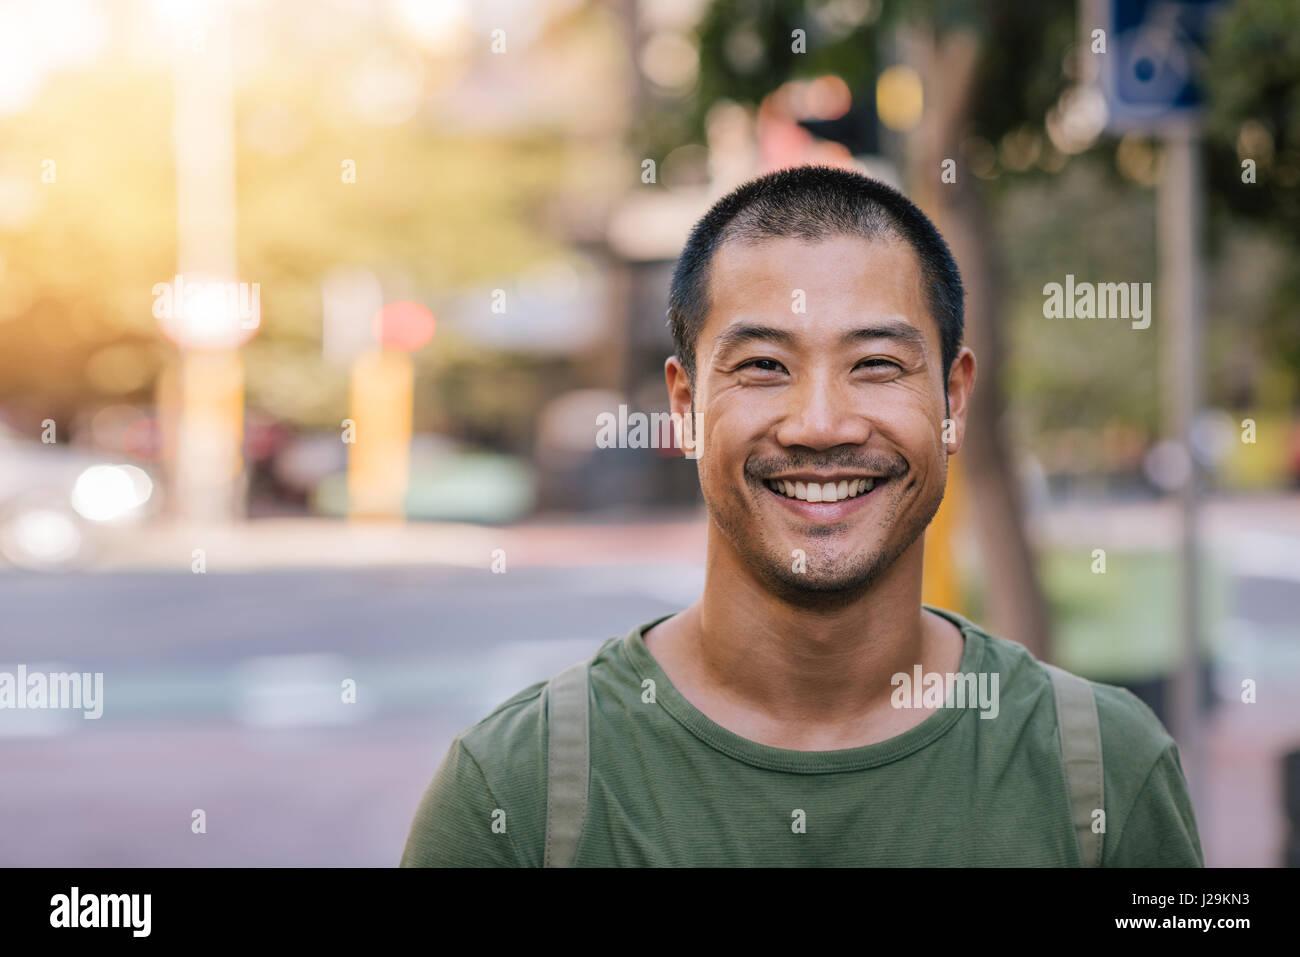 Junge asiatische Mann lächelnd souverän auf einer Stadtstraße Stockbild